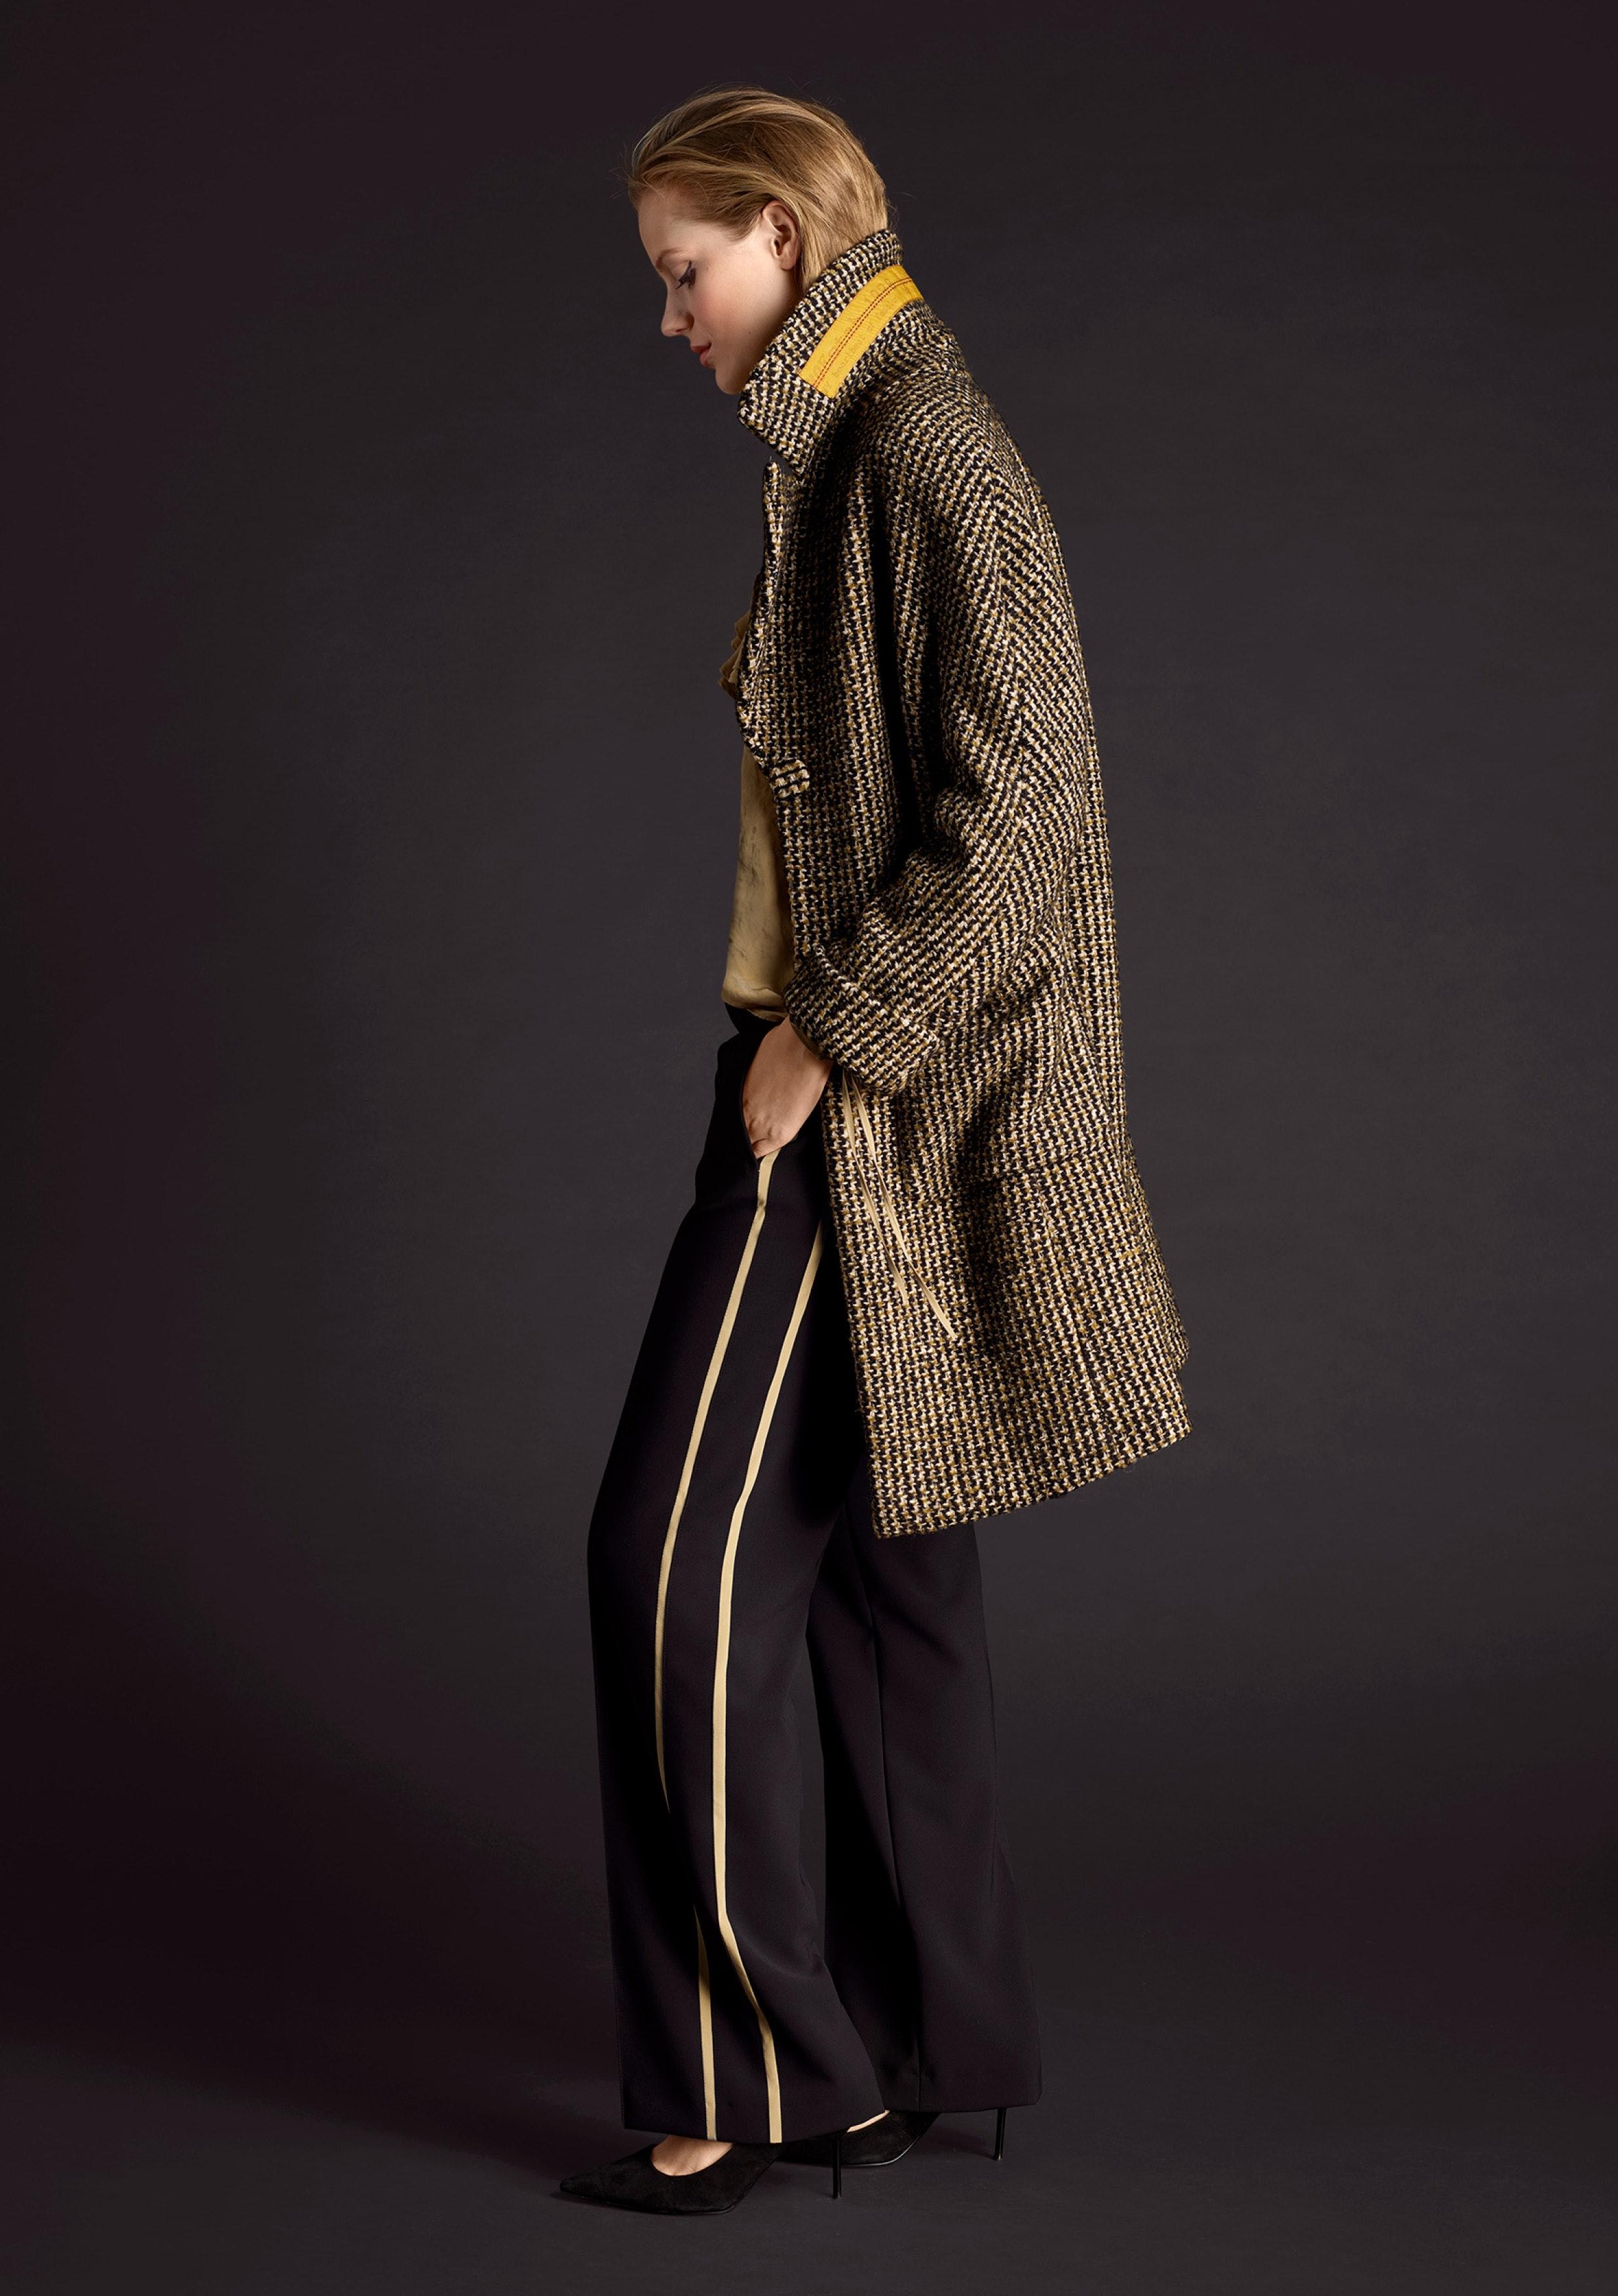 Luisa Cerano, Heritage Meets Streetwear Kollektion, Lodenfrey, Munich